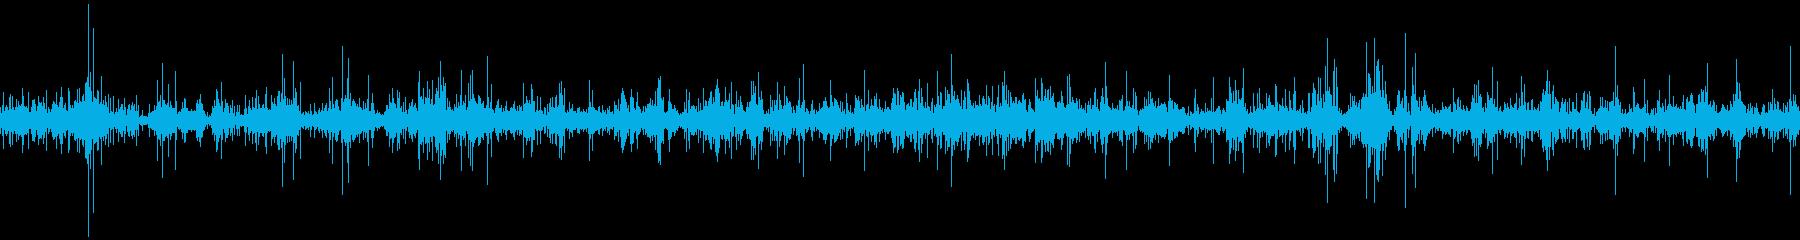 「カラカラ…」風にそよぐ2の再生済みの波形